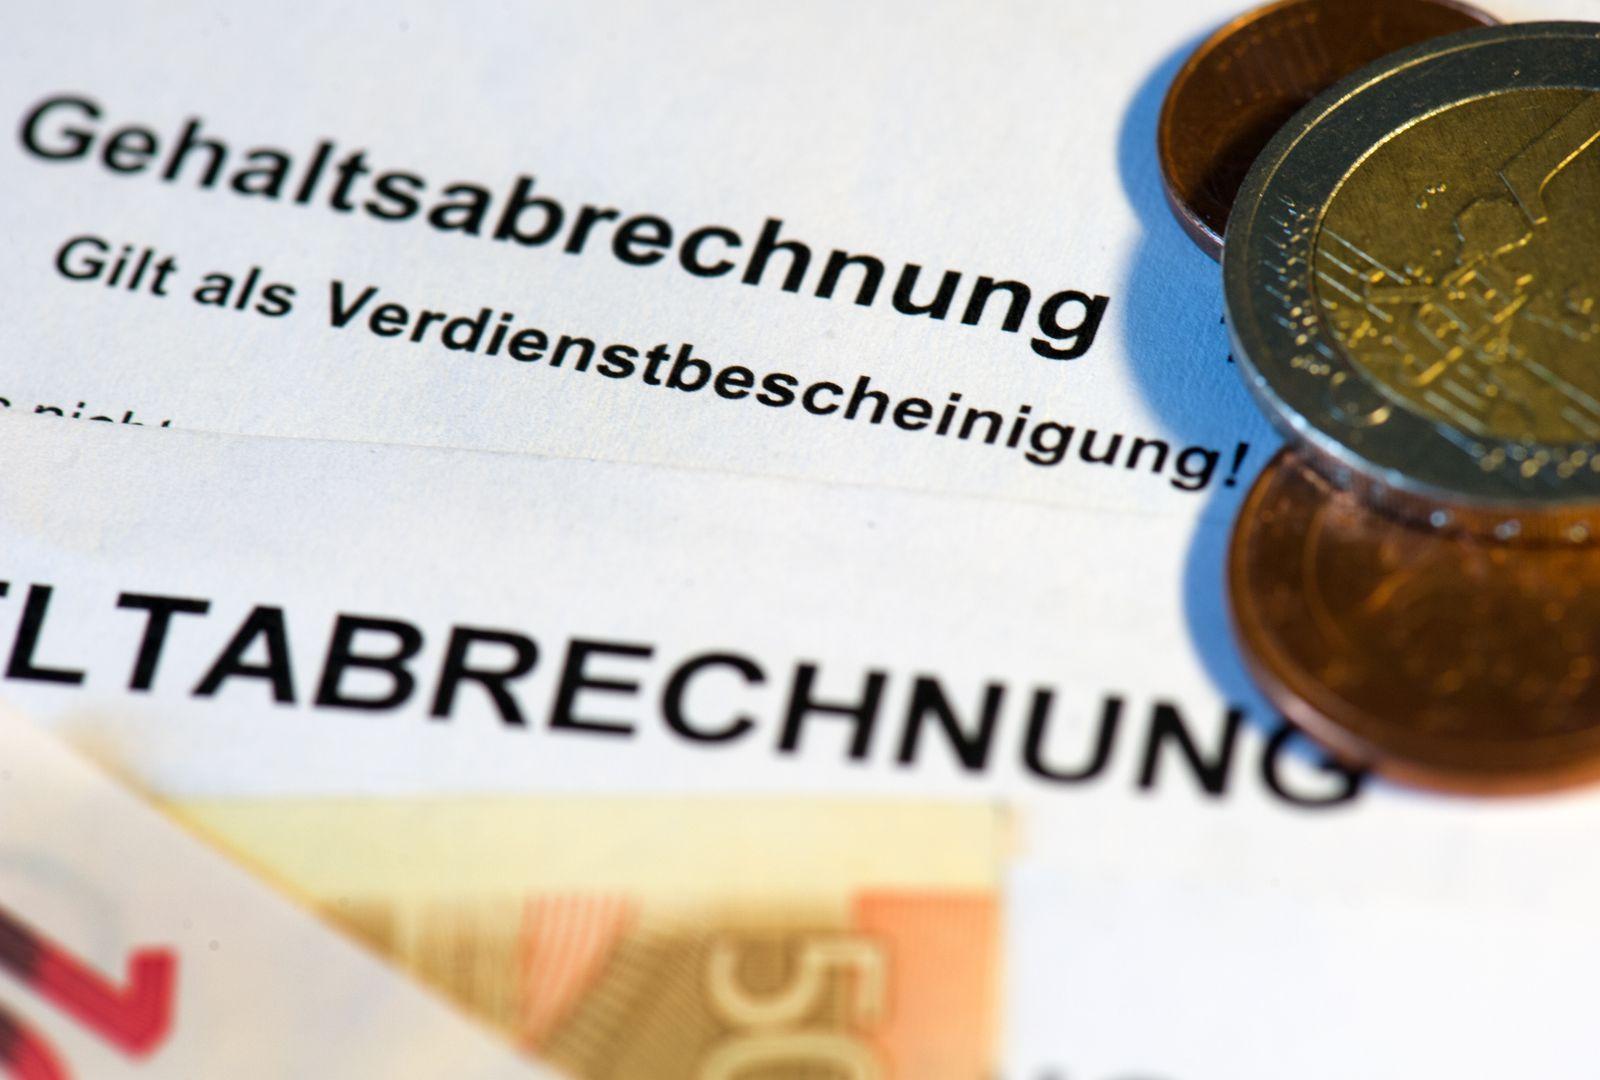 Gehaltsabrechnung / Verdienstbescheinigung / Lohn / Gehalt